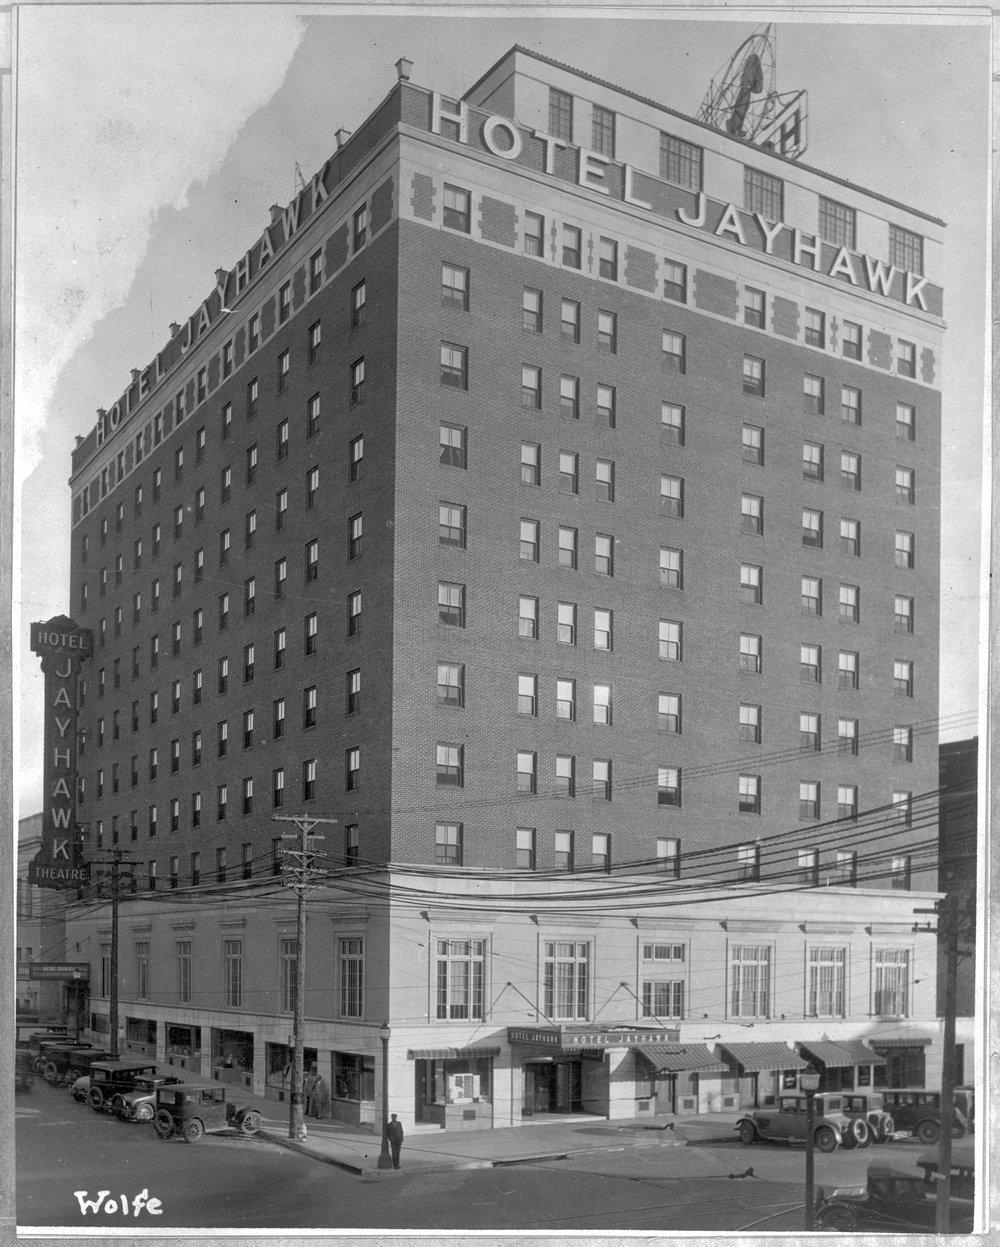 Hotel Jayhawk Topeka Kansas